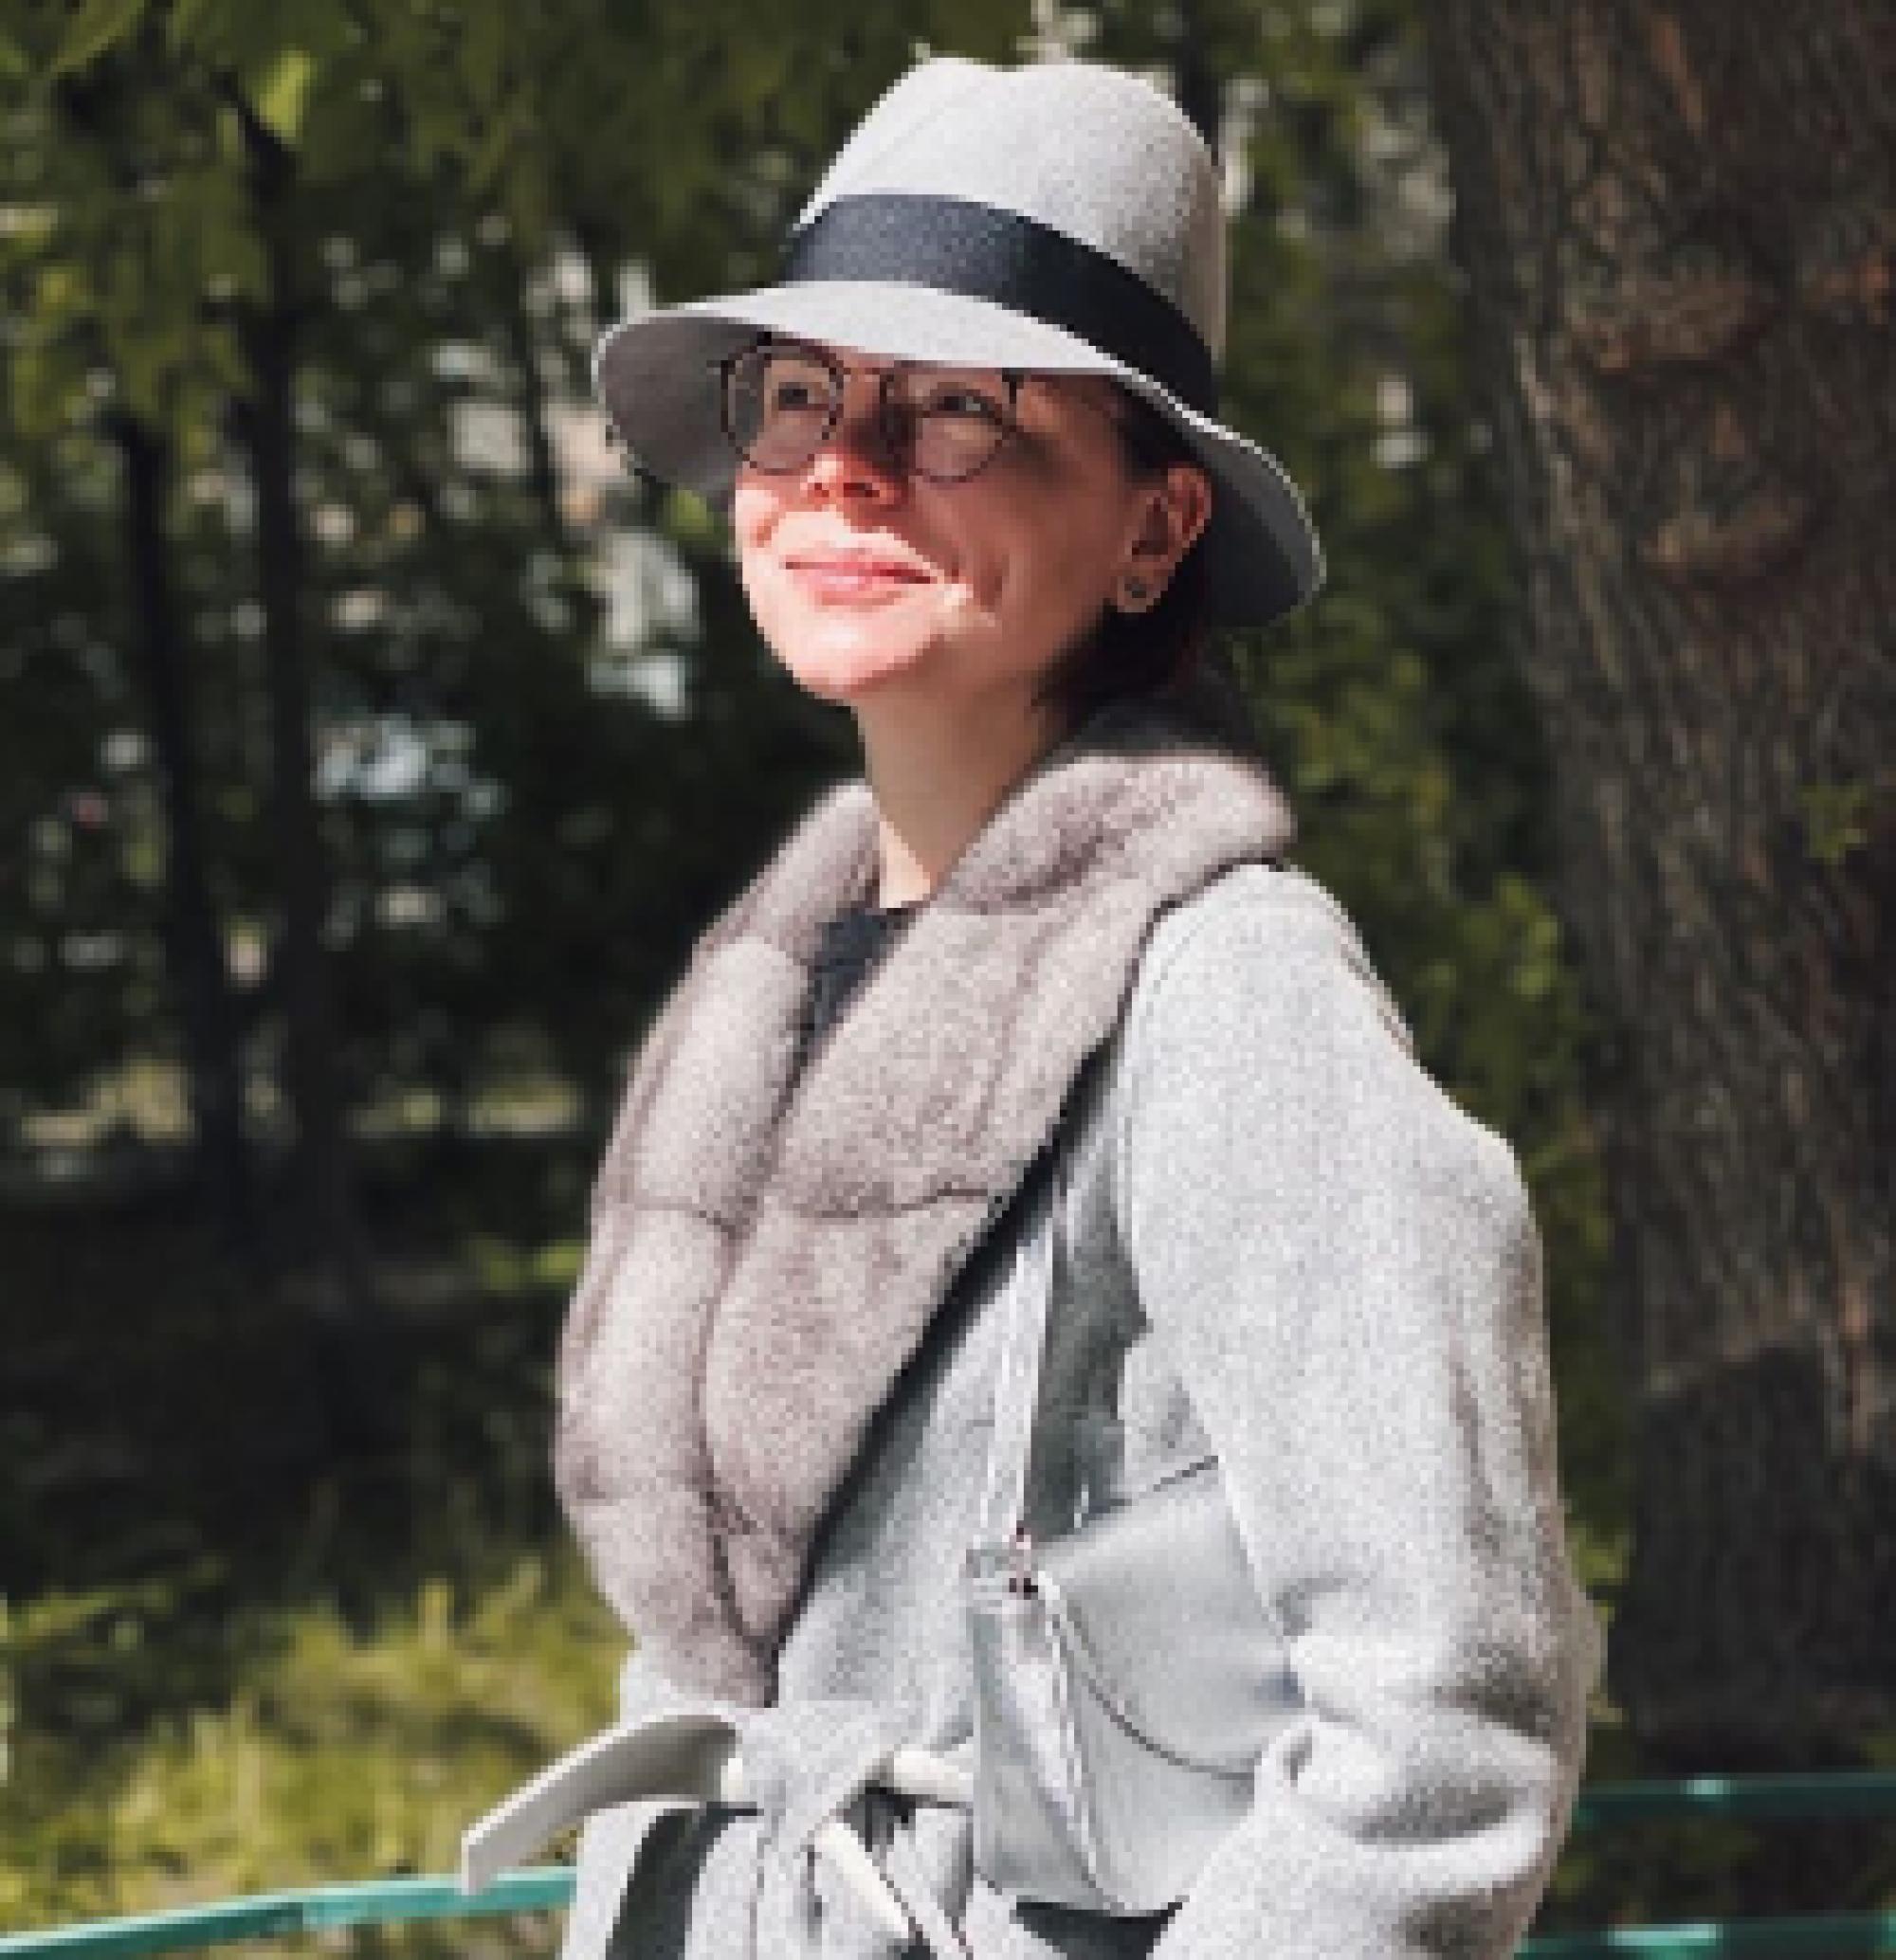 Подписчики раскритиковали Татьяну Брухунову за «её» рецепты, девушка ответила жесткой манере